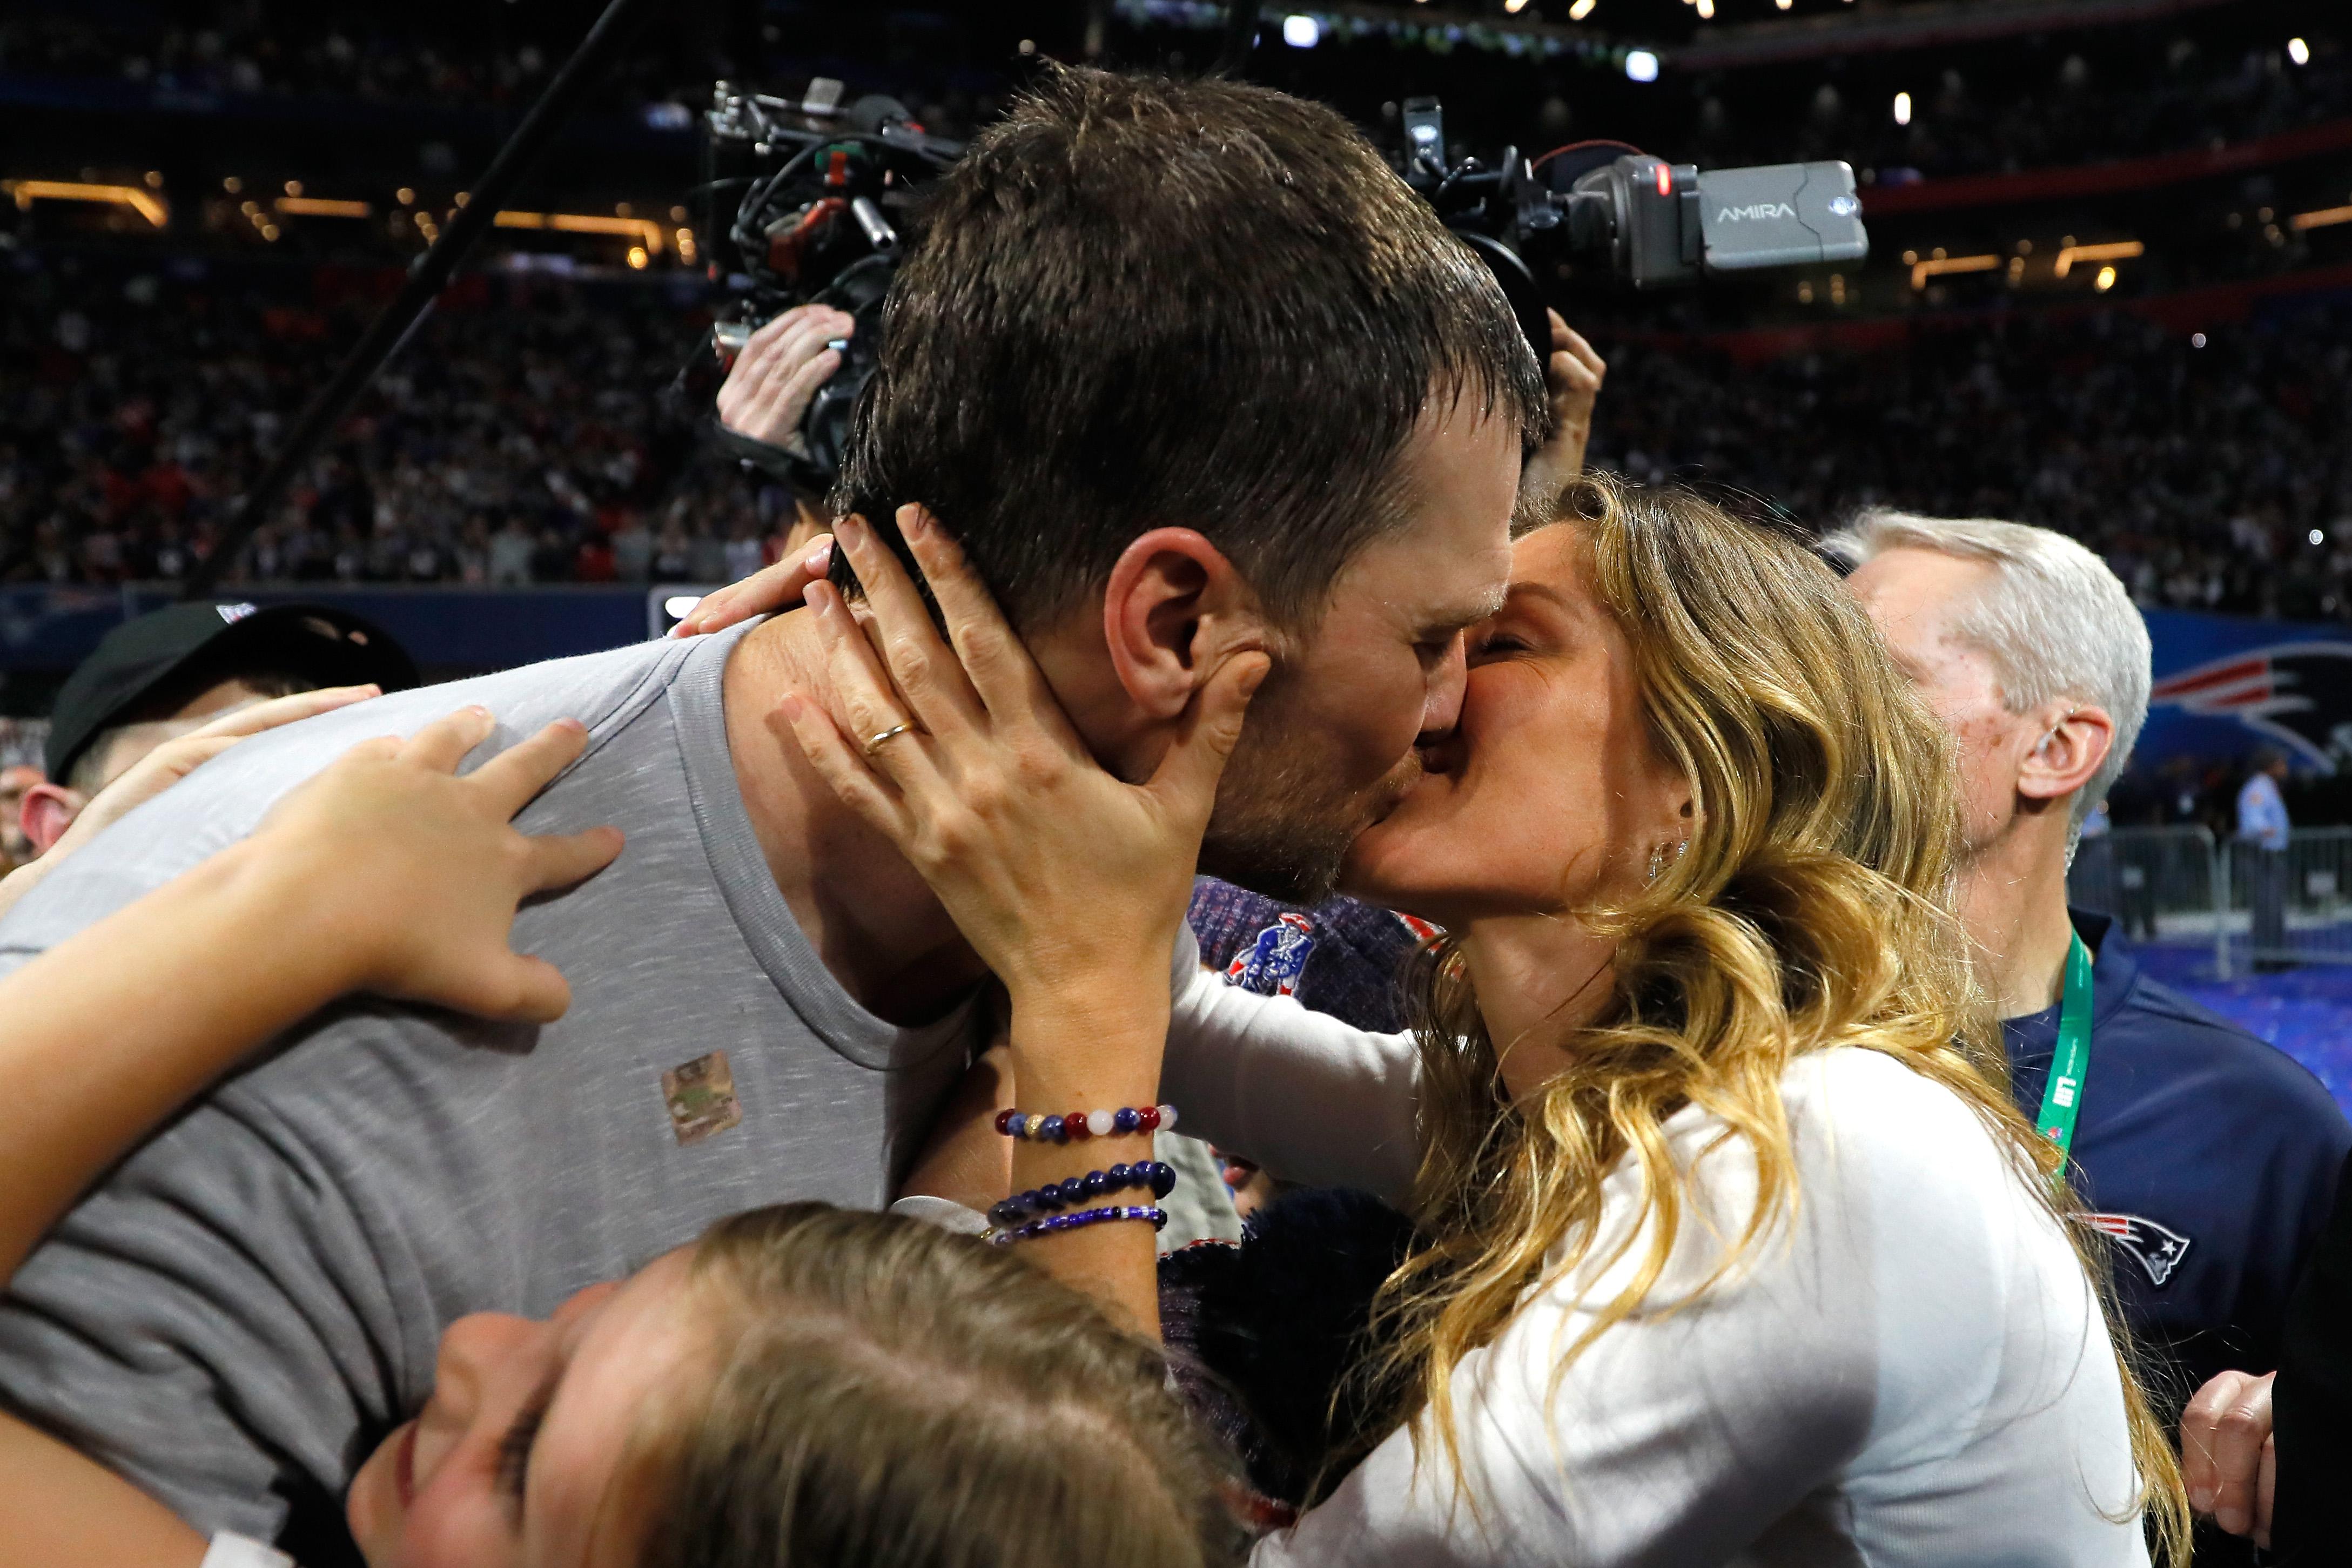 Първата асоциация, която идва в ума ни, когато стане дума за целувки, е интимната връзка между двама влюбени. А вие знаете ли, че за една целувка задвижваме над 30 лицеви мускула?